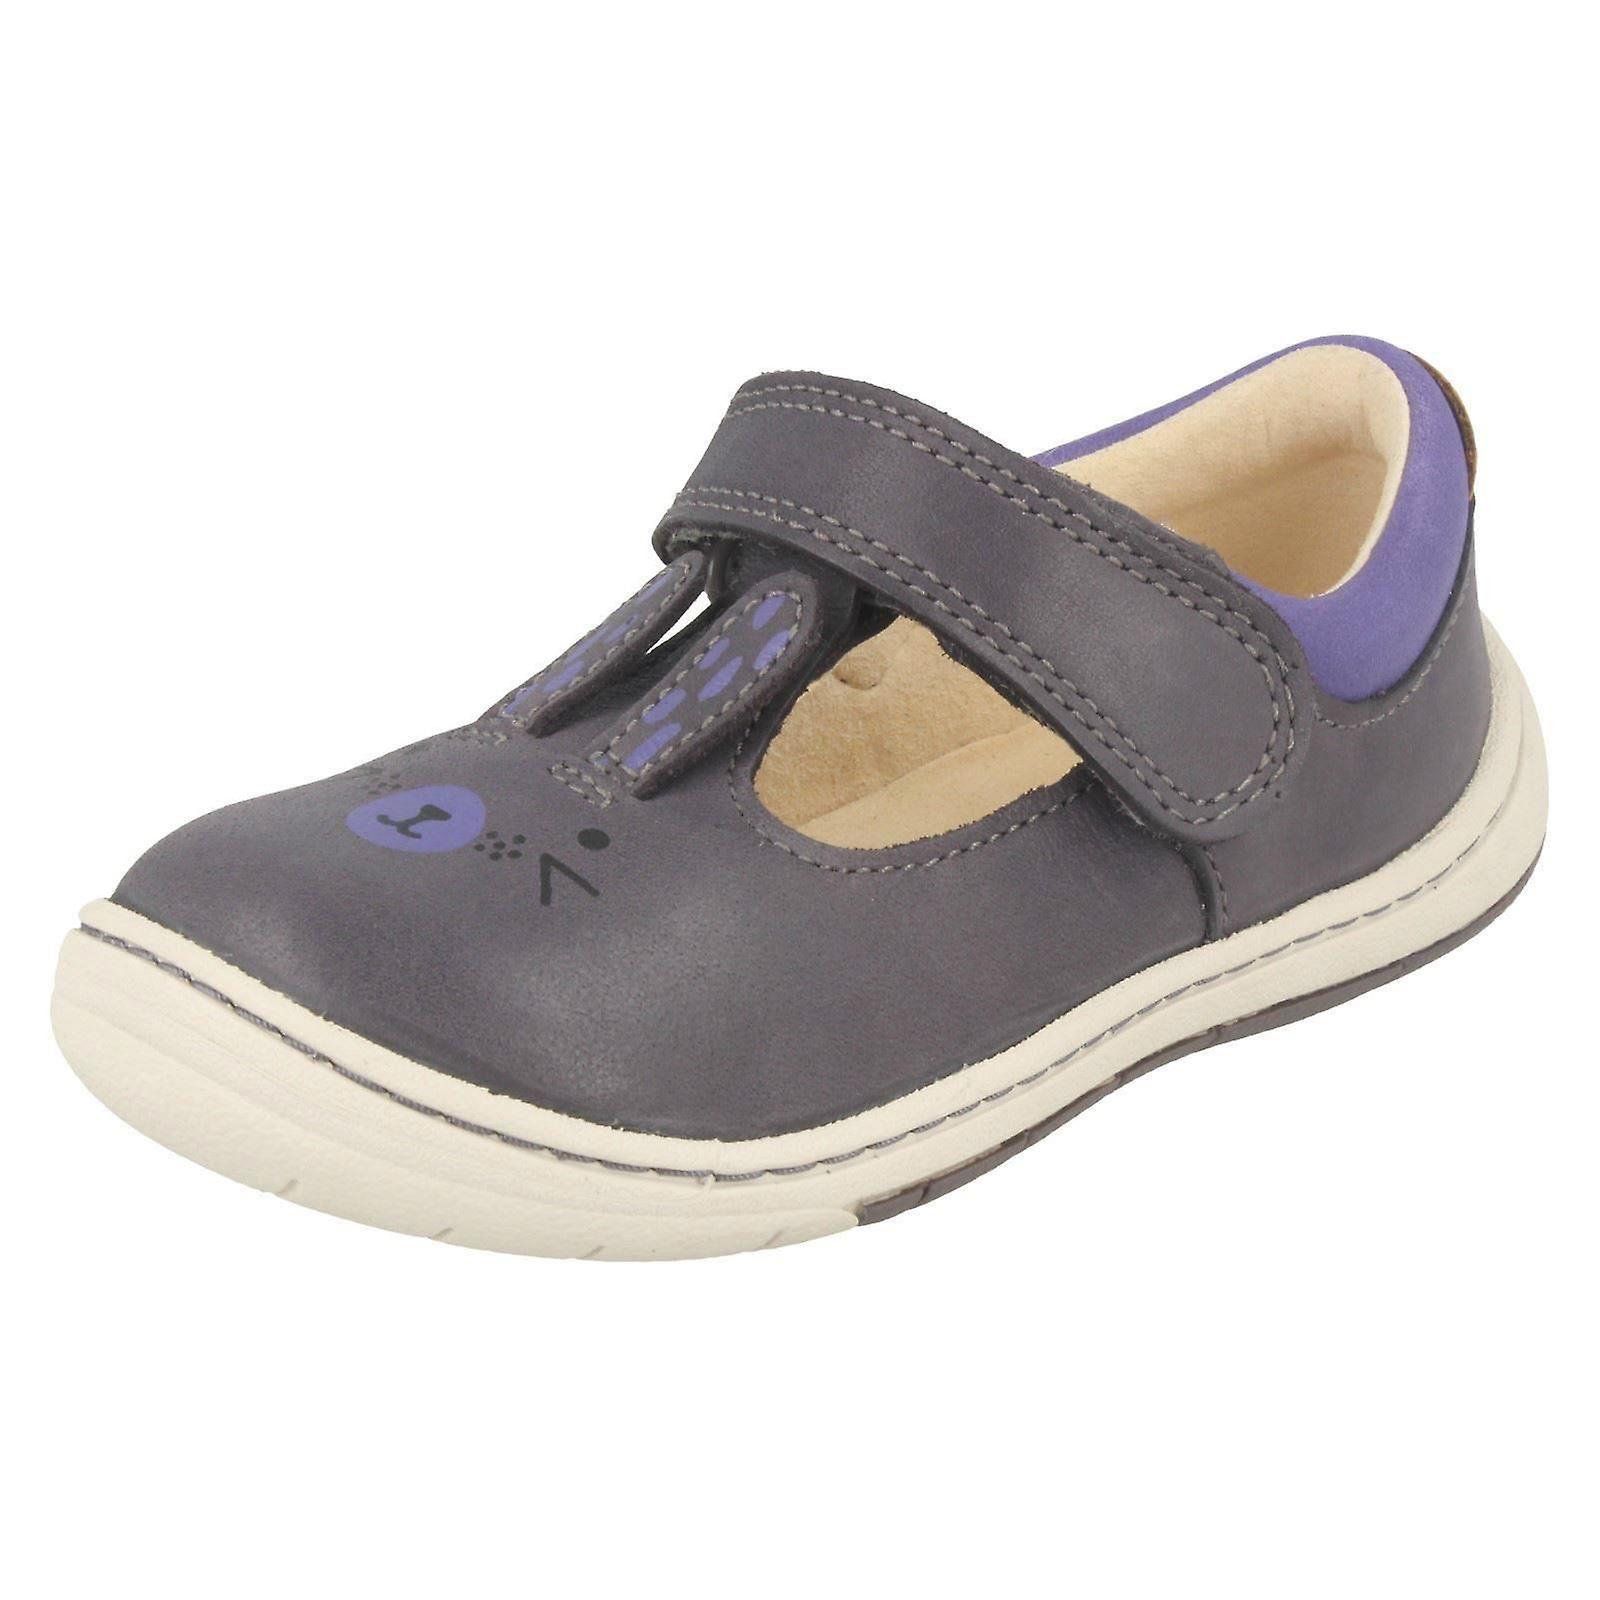 Mädchen erste Clarks Schuhe mit Kaninchen zu entwerfen Amelio Glo